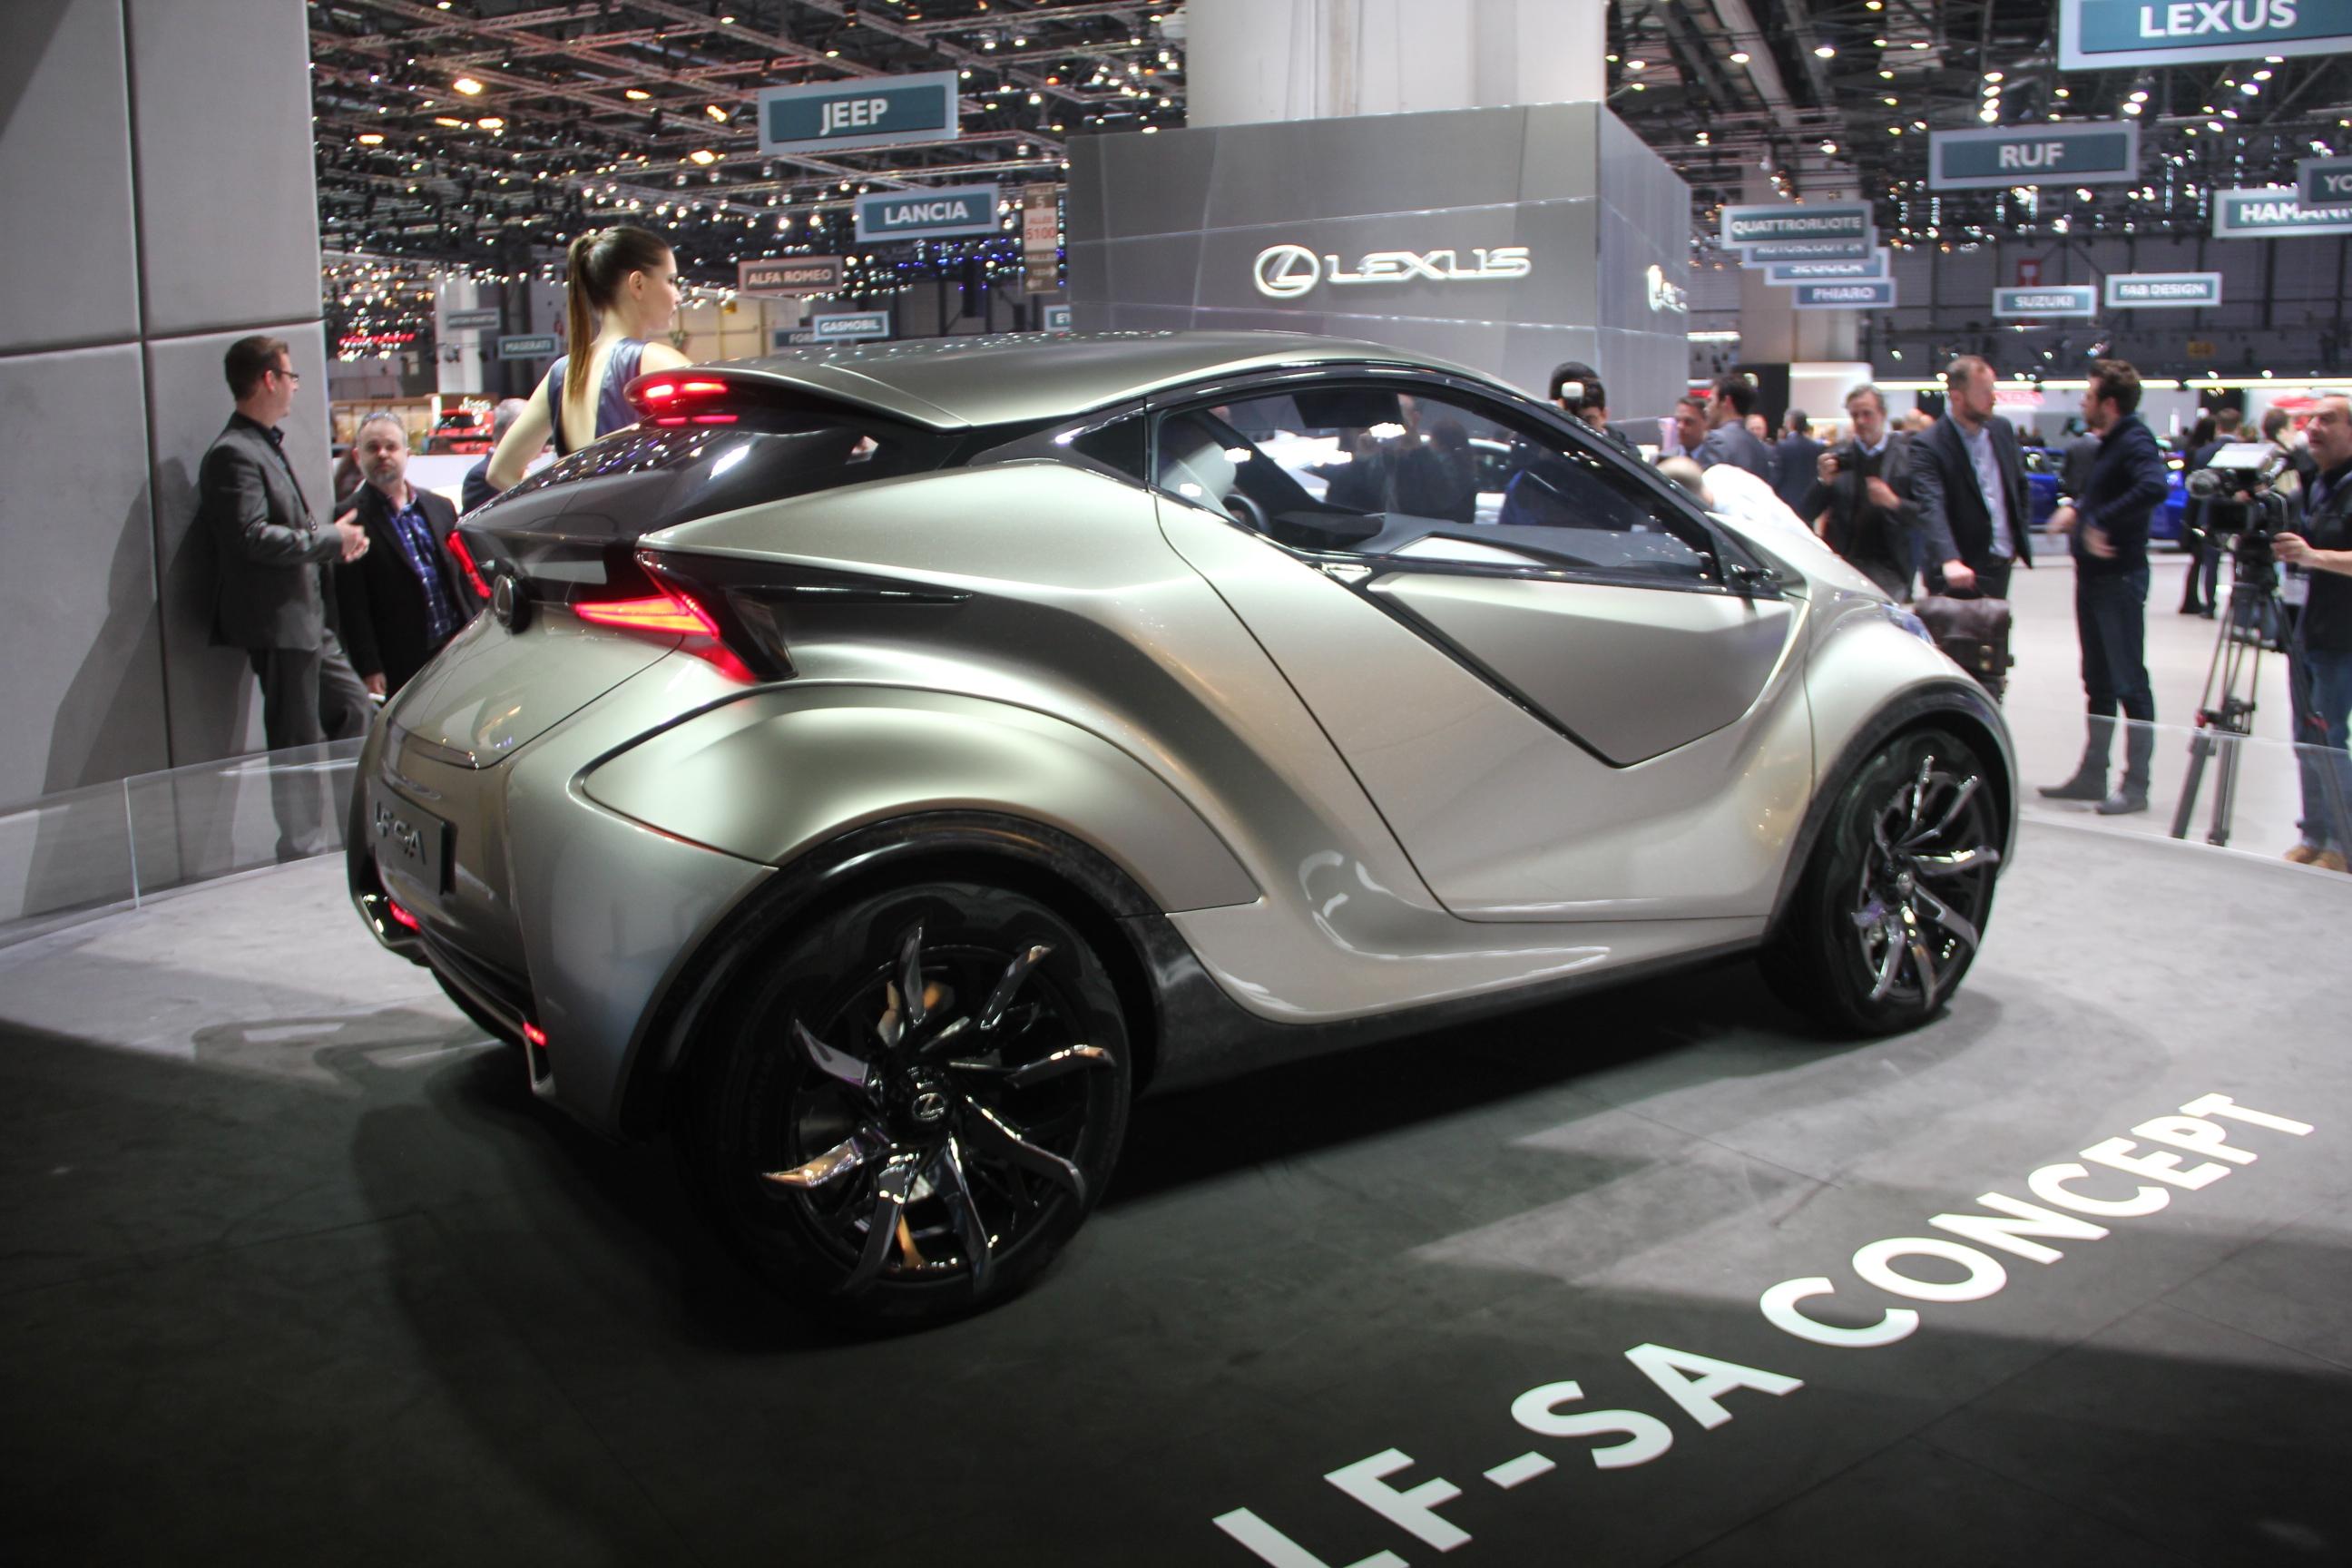 S0-Lexus-LF-SA-Concept-nouveaux-horizons-En-direct-du-salon-de-Geneve-2015-347816.jpg